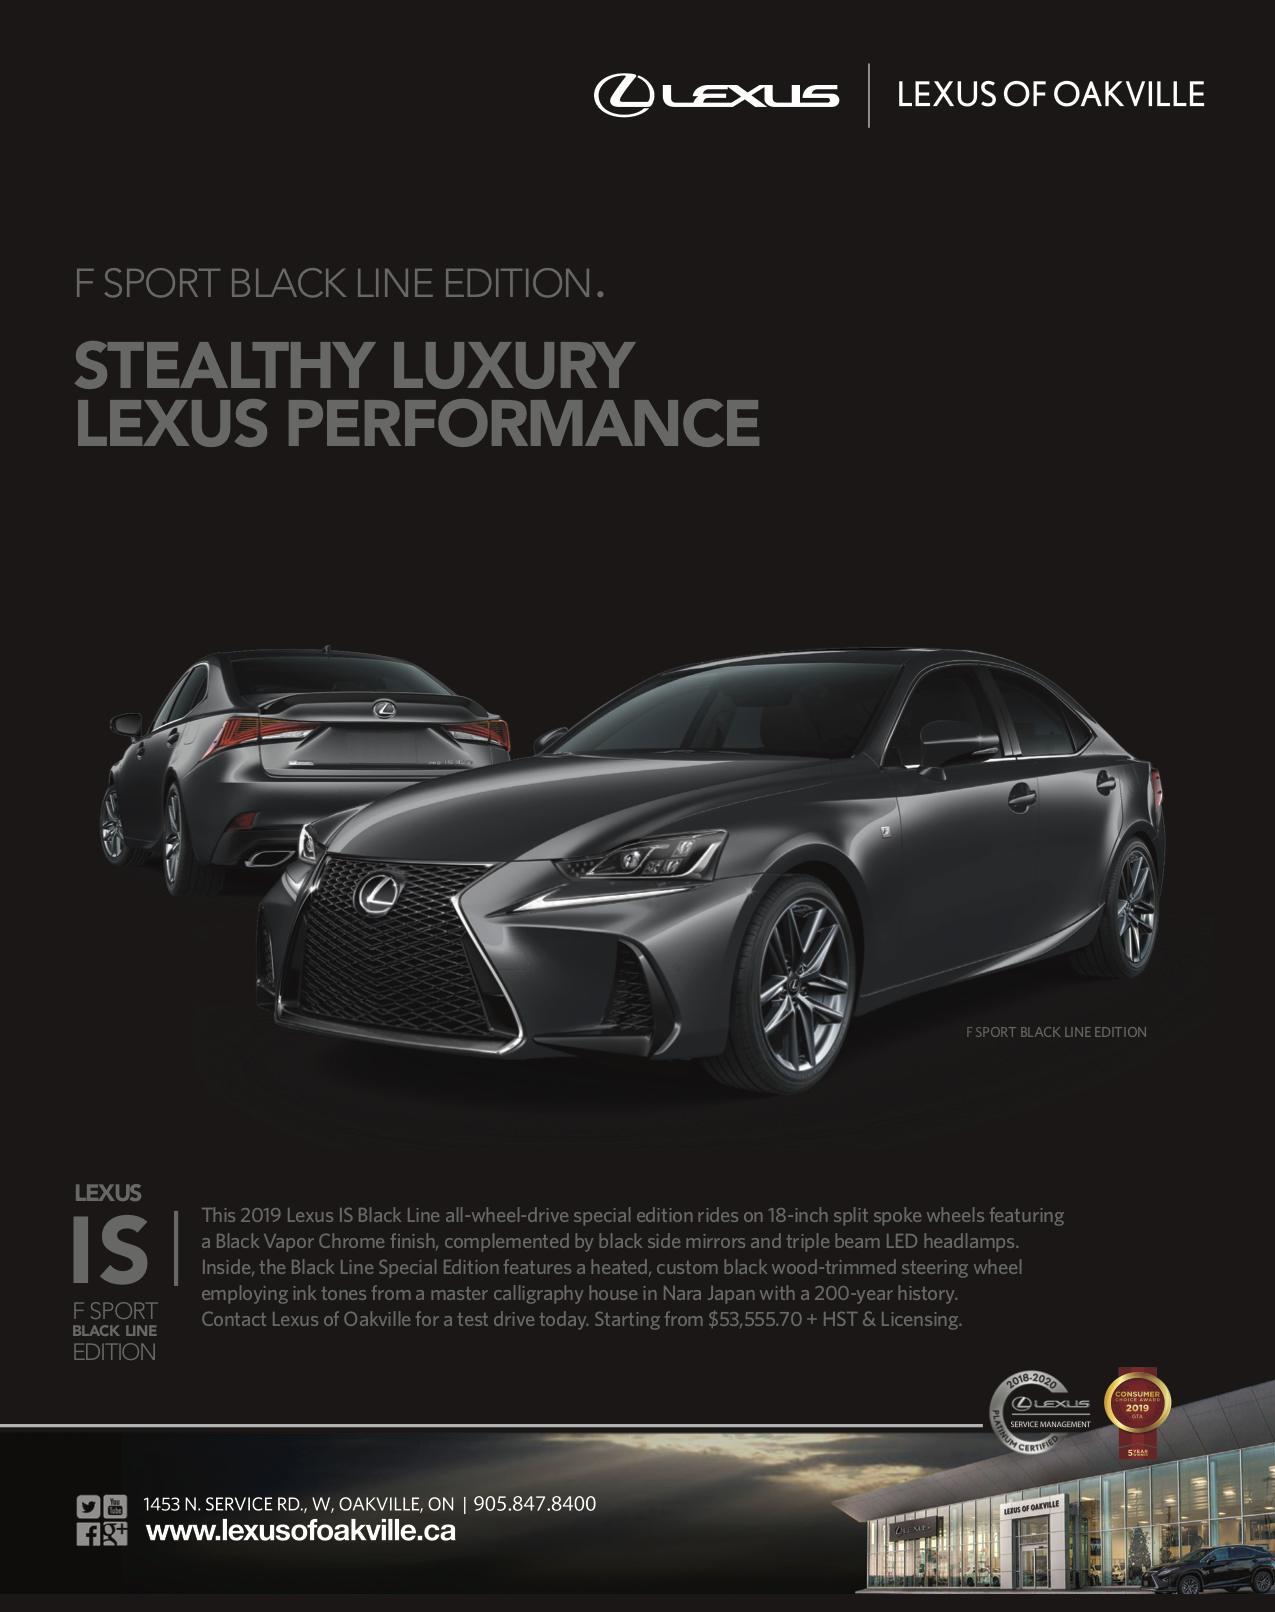 LEXUS IS BLACKOUT EDITION